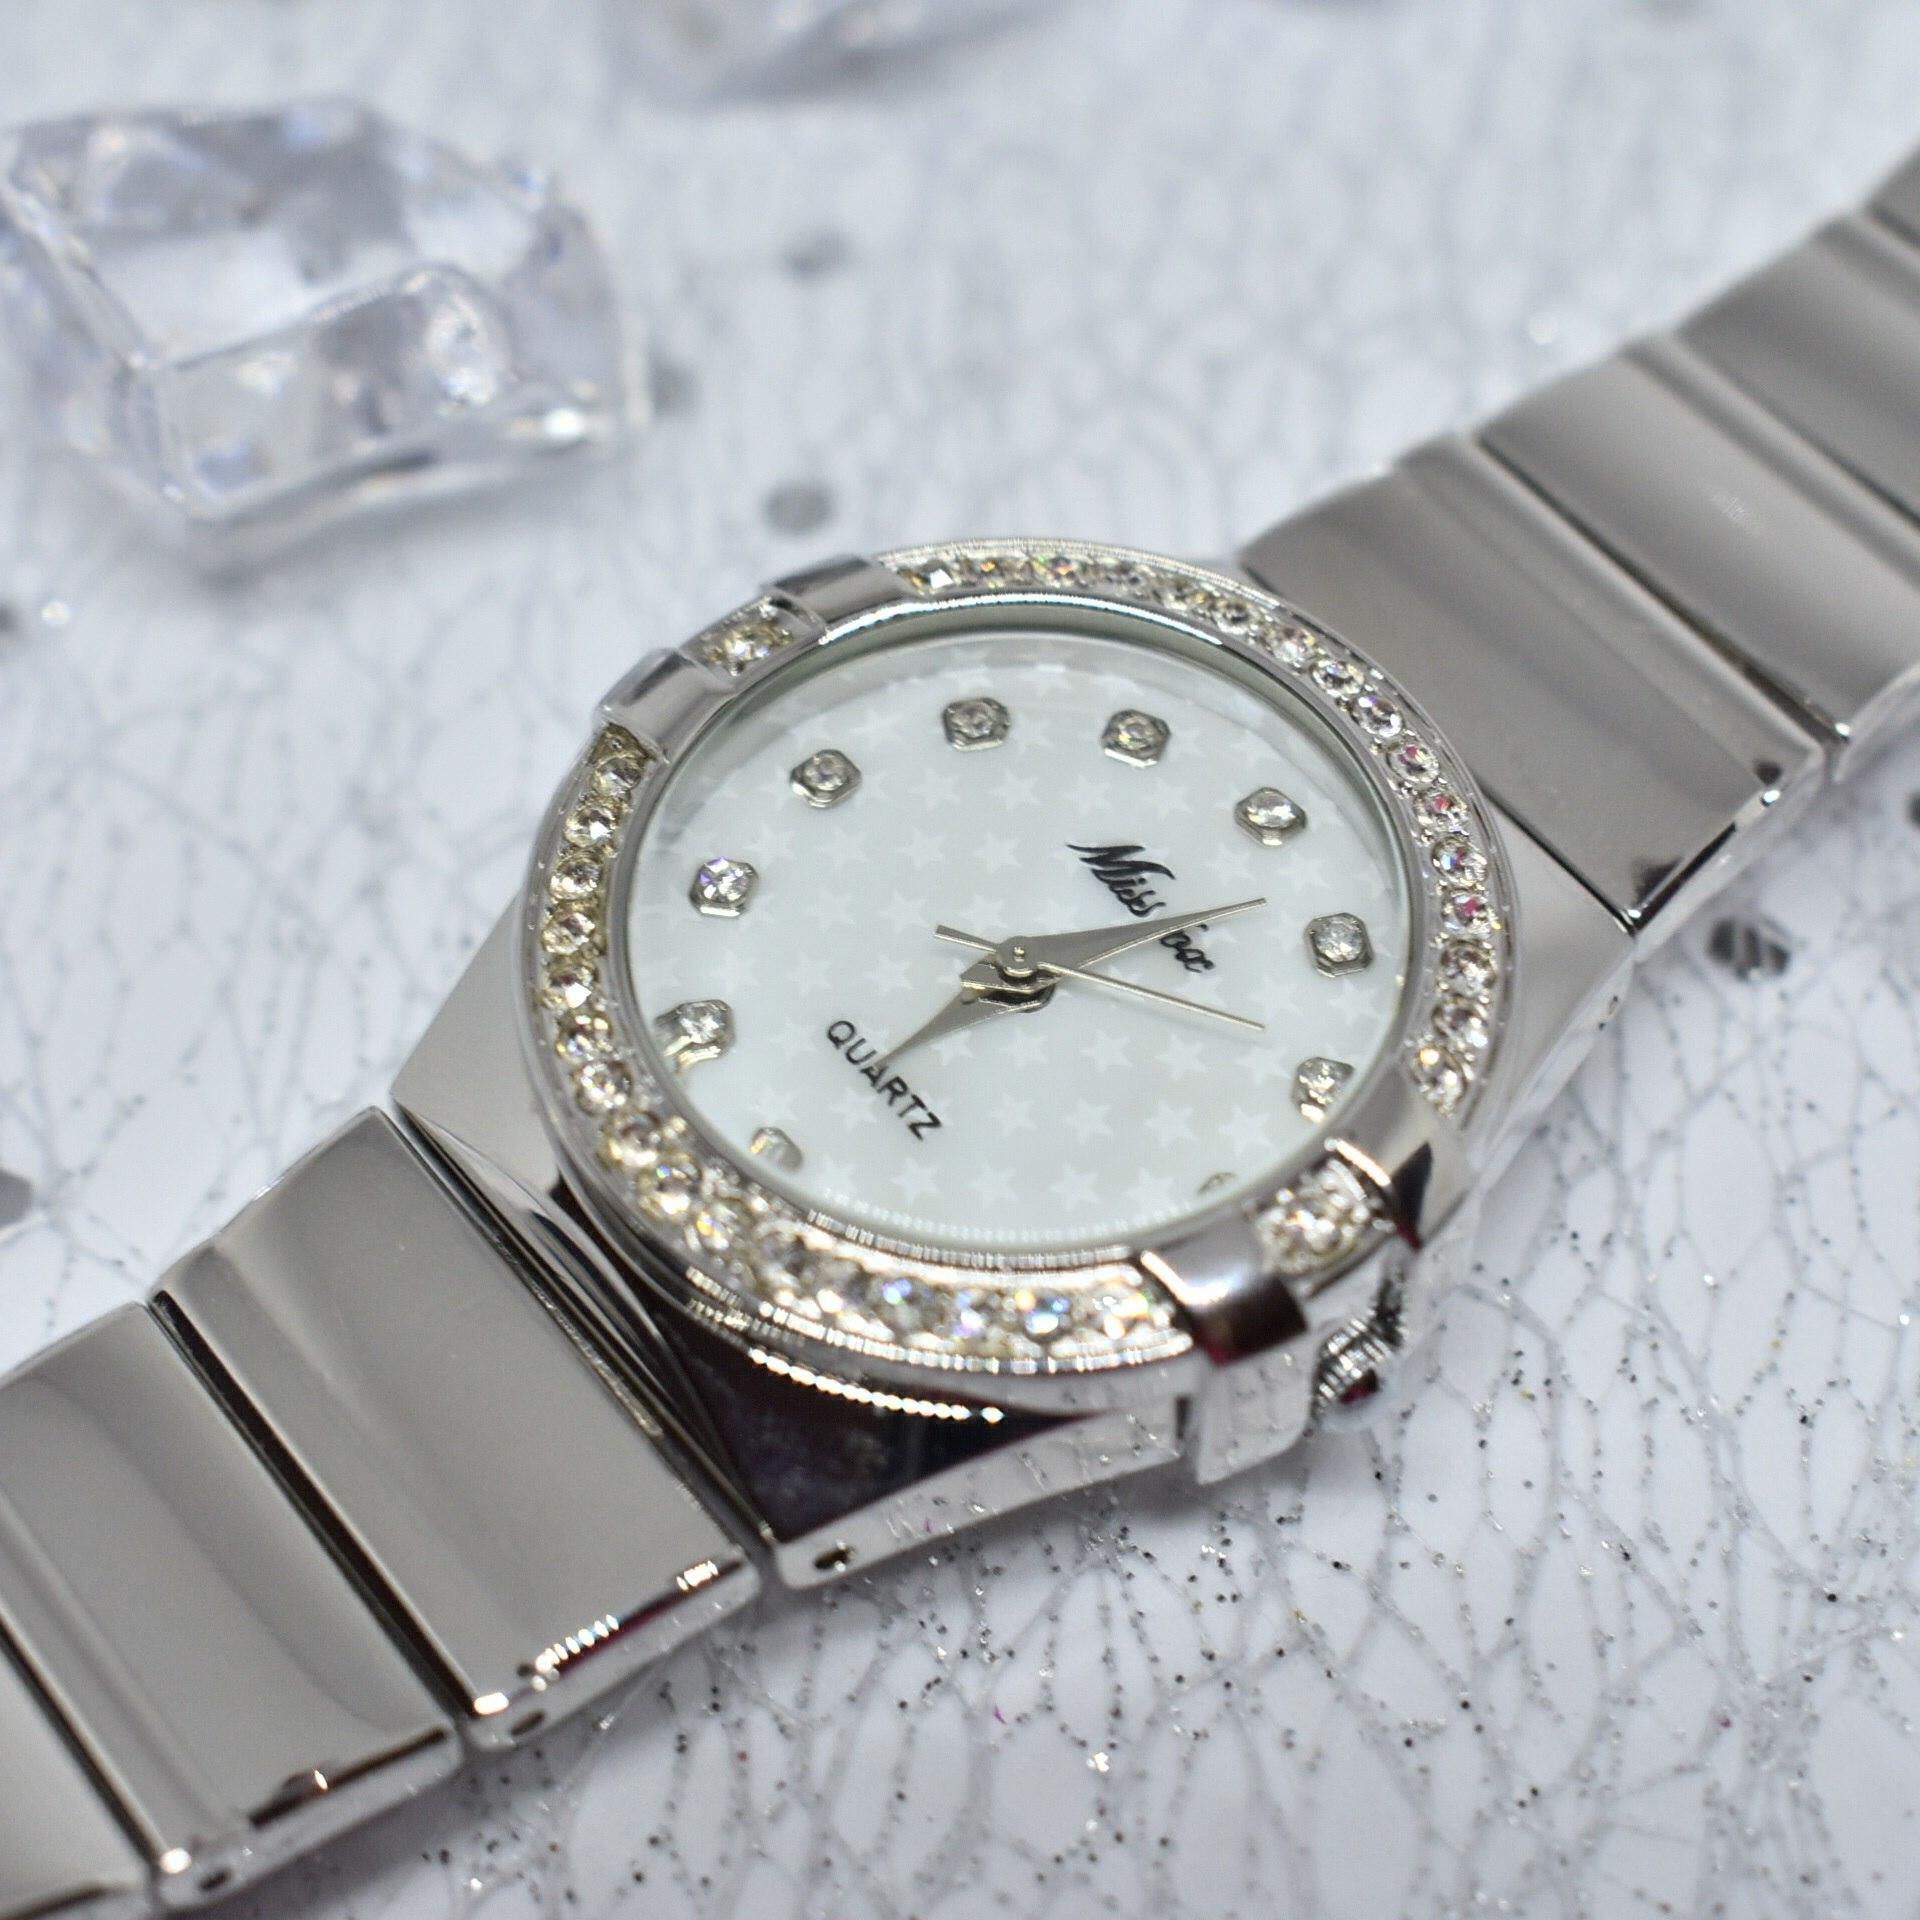 Привет-привет У меня есть новый обзор на невероятно красивые часики из магазина MISSFOX CORPOR Store Девушки эти часы на